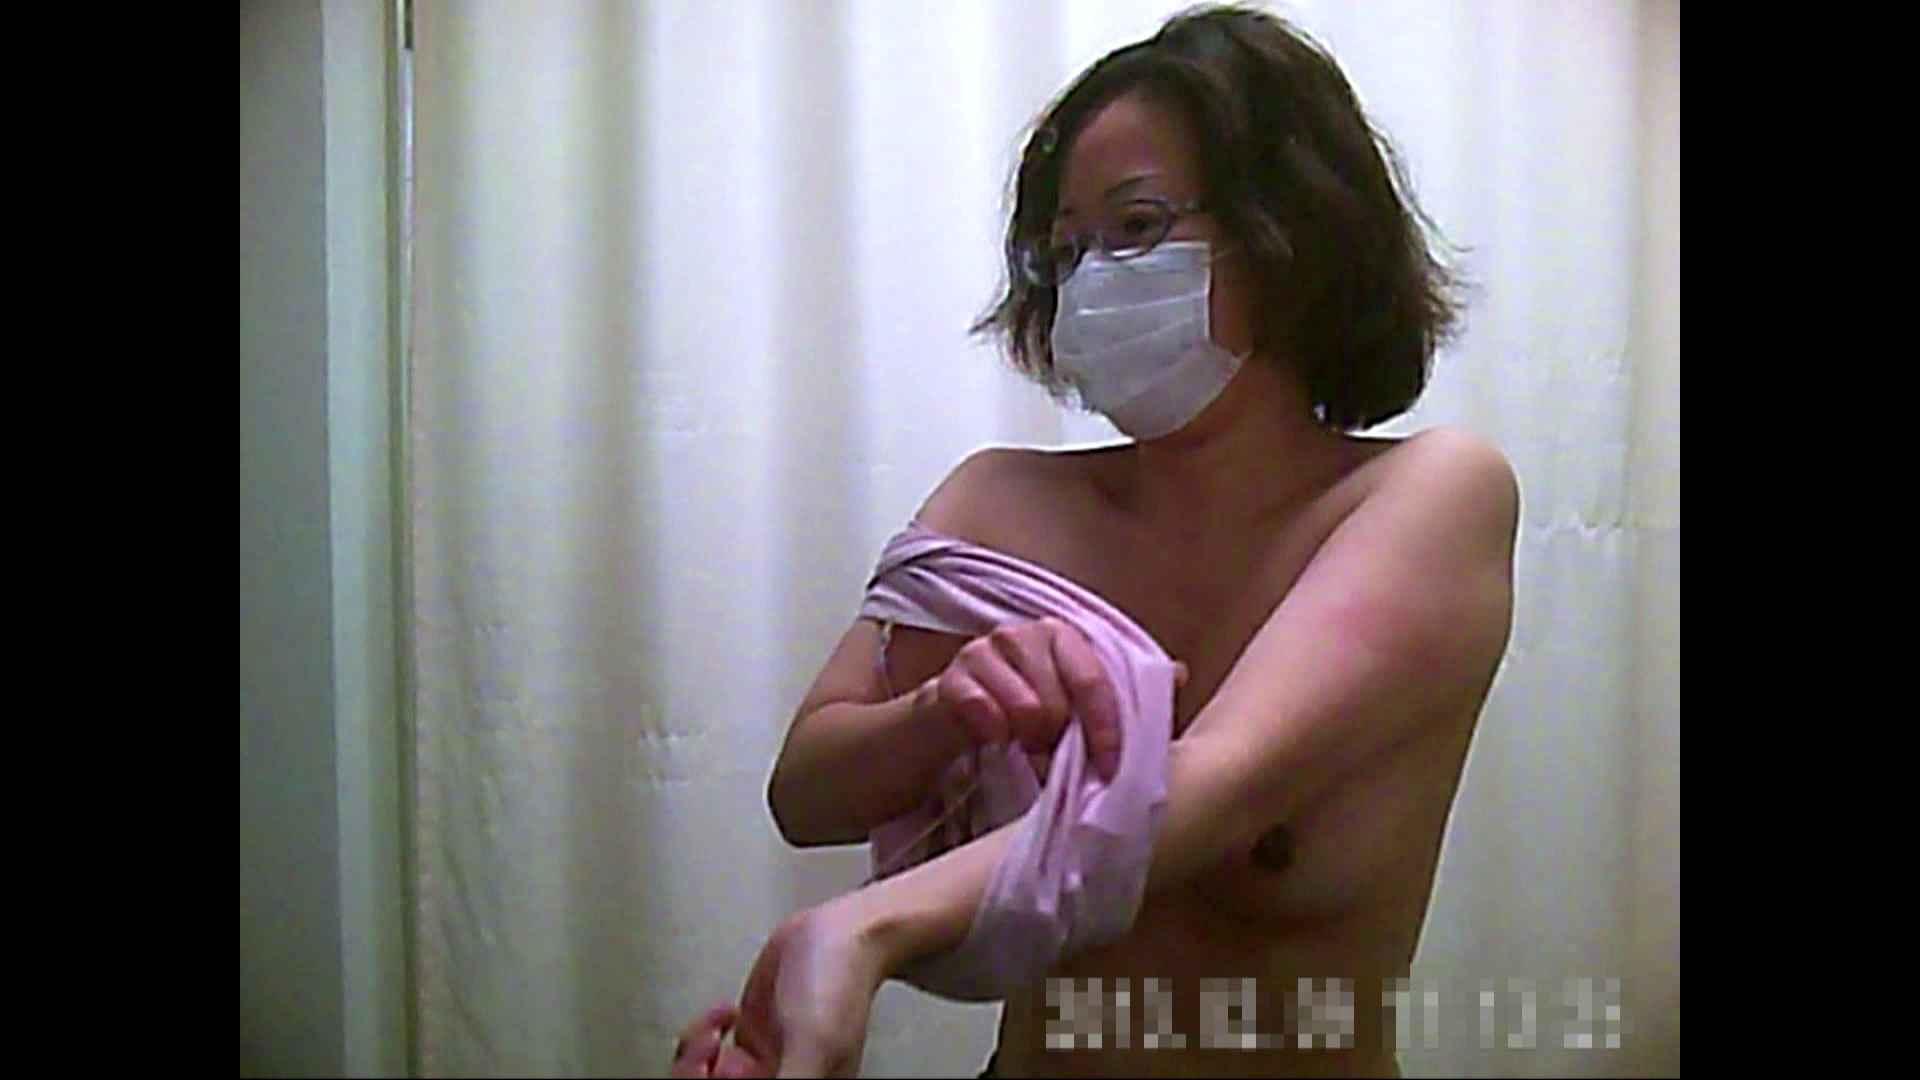 元医者による反抗 更衣室地獄絵巻 vol.146 OLハメ撮り  24Pix 3